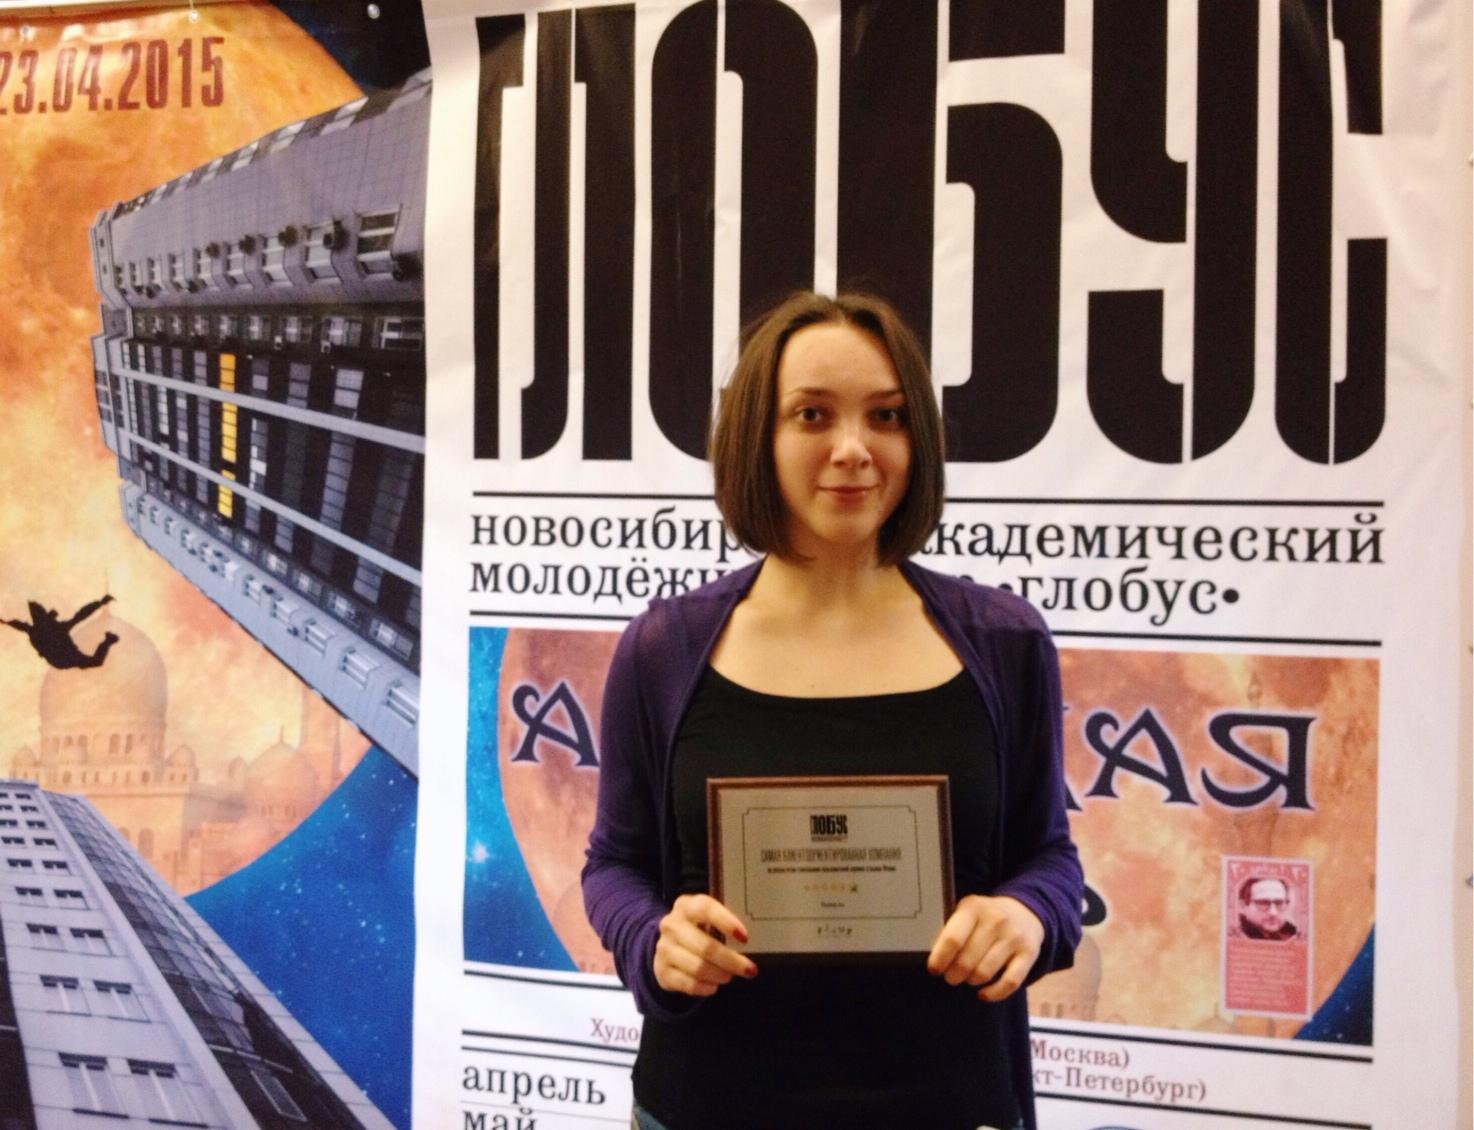 Татьяна Пискайкина, сотрудник пресс-службы театра.